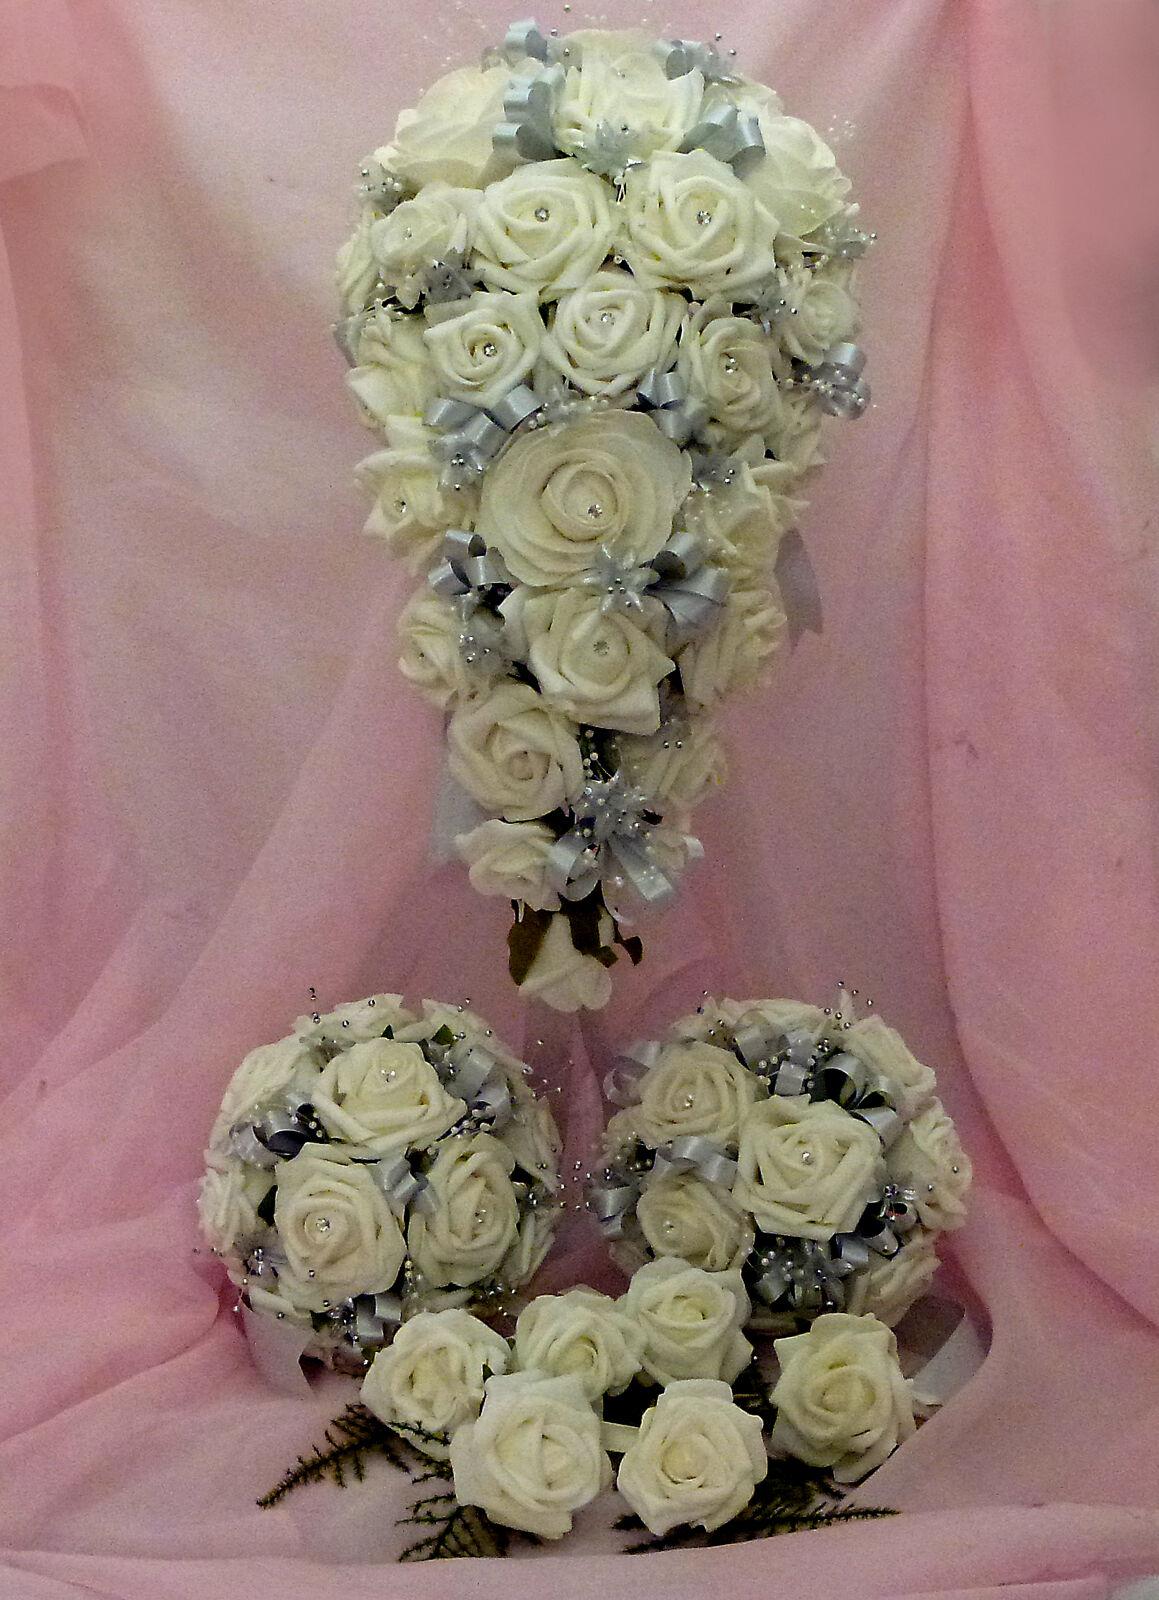 Mariage Fleurs = Complet Ensemble nuptiaux en Ivoire Argent Autres Couleurs Disponibles.